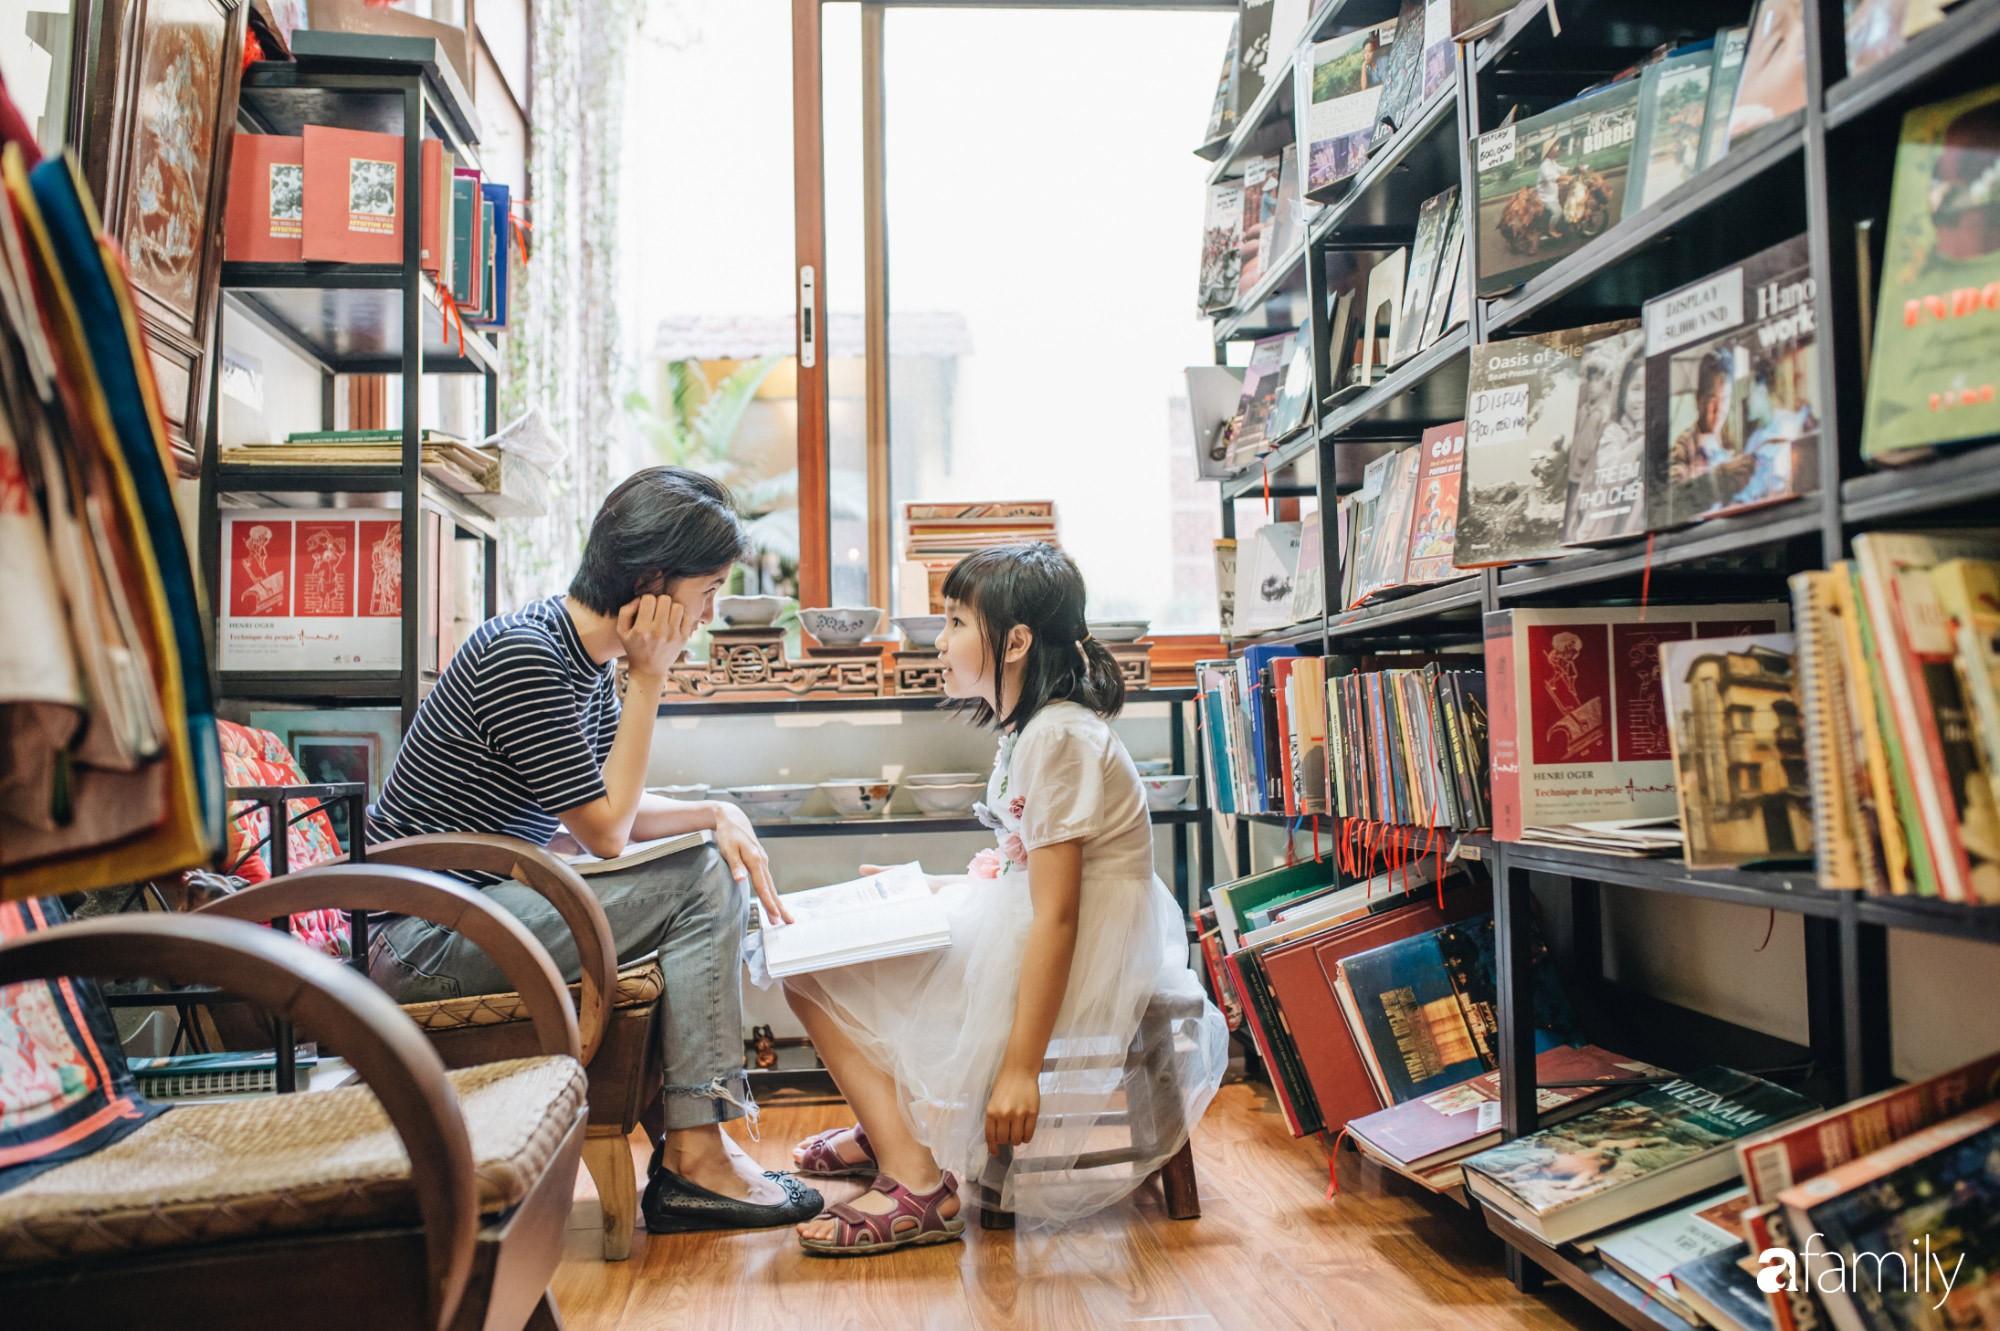 """Nếu bạn có con từ 0 đến 6 tuổi, nhất định phải cùng con khám phá những """"thiên đường sách"""" ngay ở Hà Nội này - Ảnh 7."""